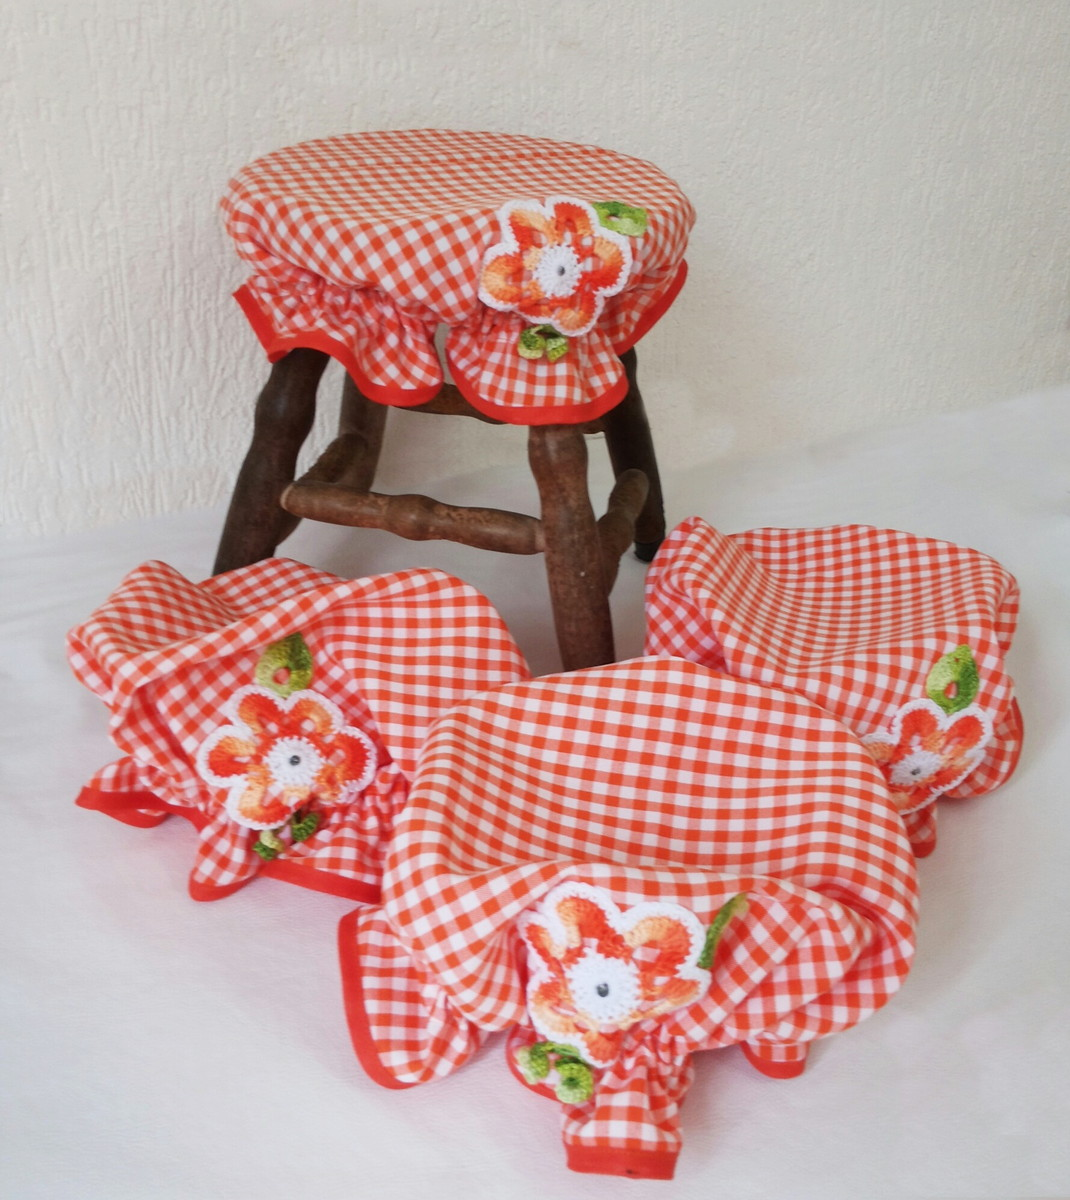 banqueta capa para cadeira capa para banco ou banqueta capa de banco #A53226 1070x1200